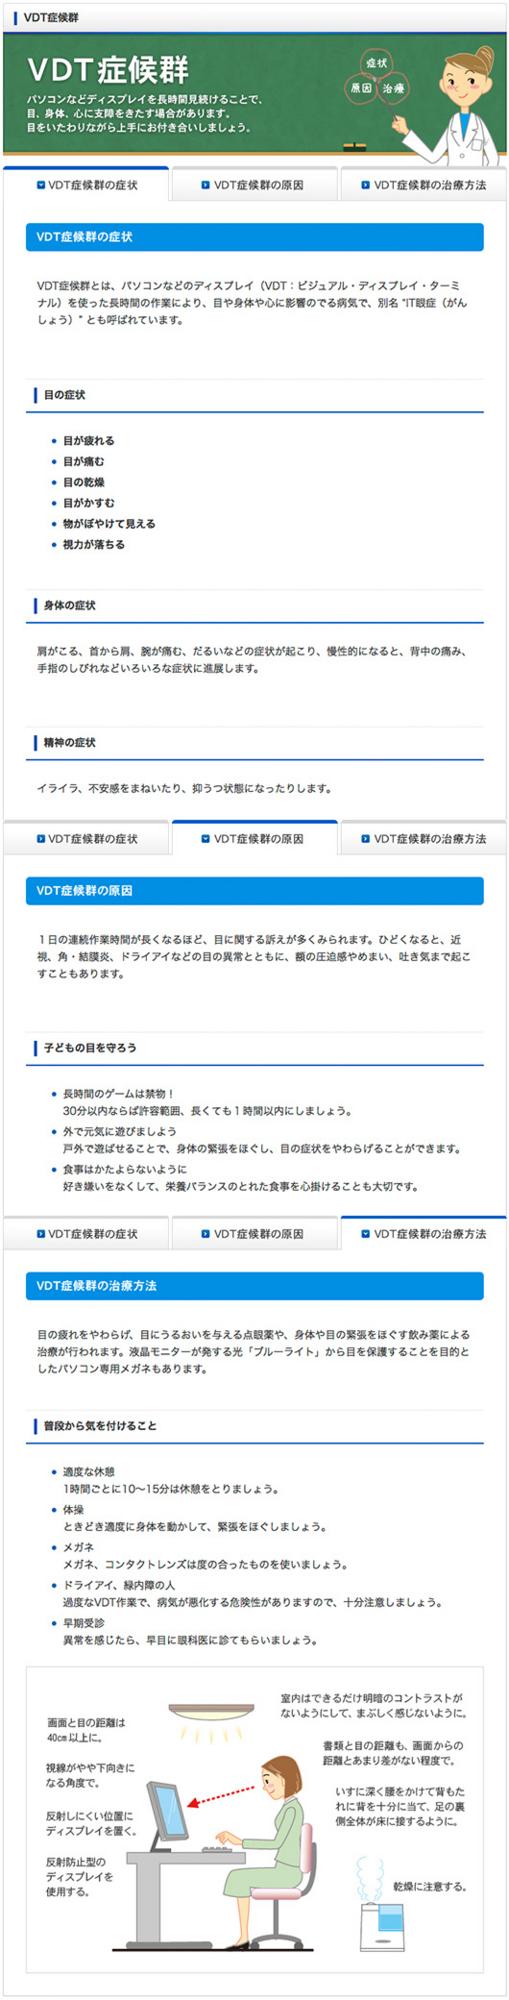 http://www.santen.co.jp/ja/health/eye/library/vdt_syndrome/